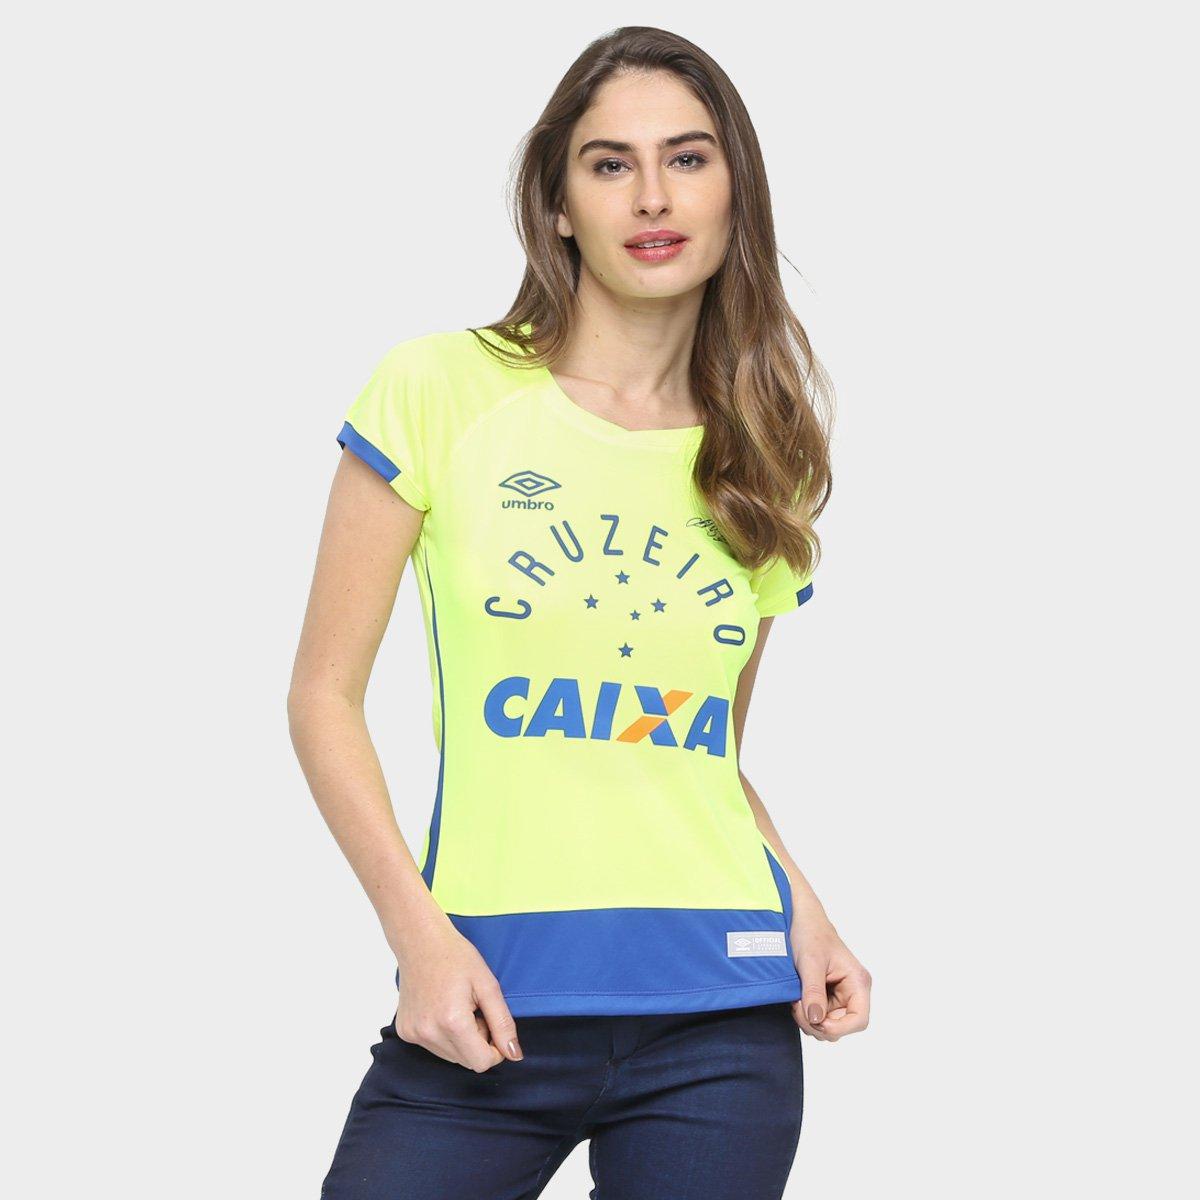 Camisa Cruzeiro Goleiro 2016 nº 1 - Fábio - Torcedor Umbro Feminina -  Compre Agora  359ea3dbaec67